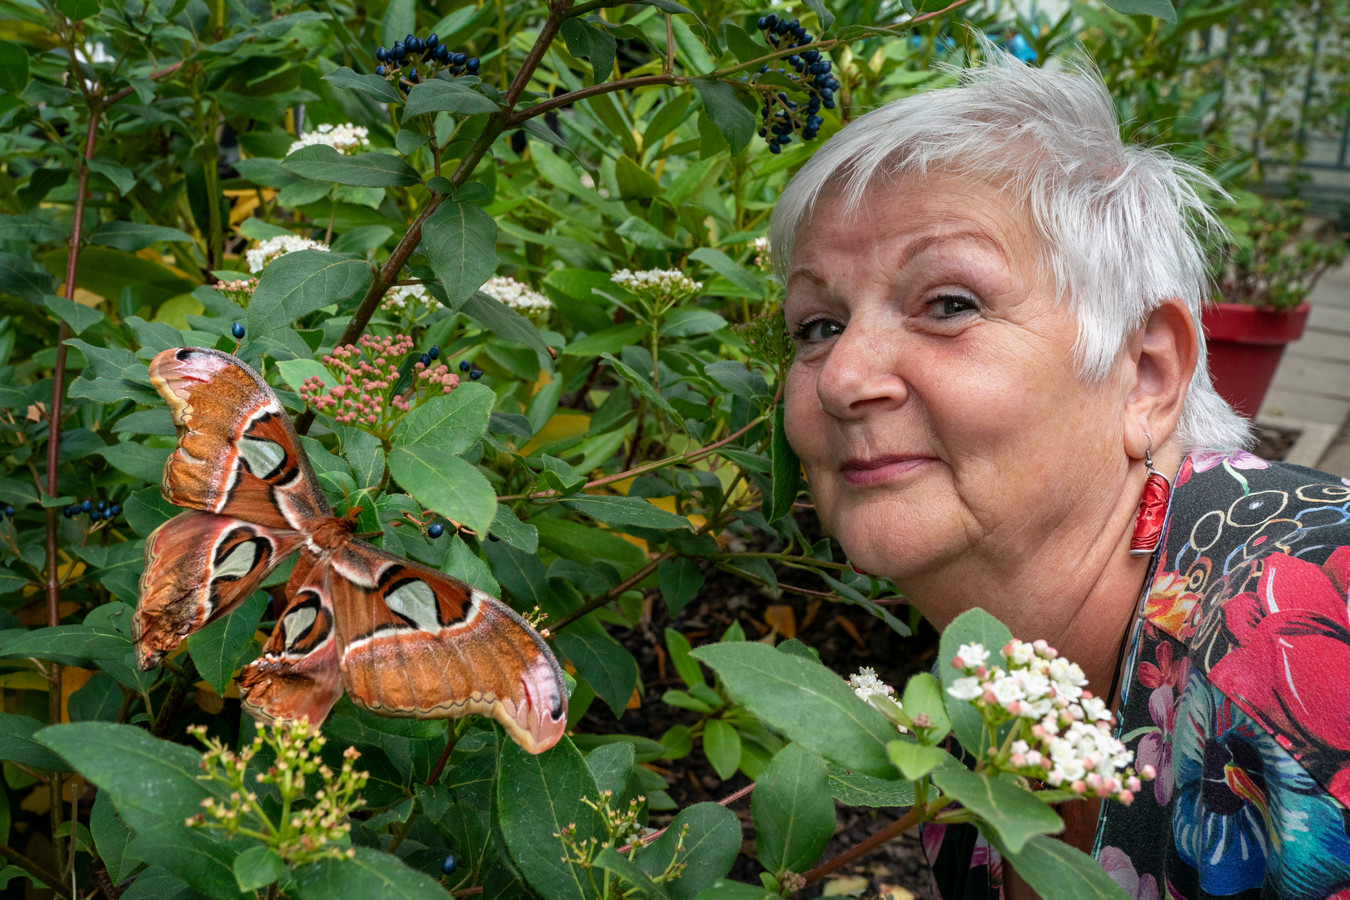 Phil Duijzer, de initiator van de vlindertuin, bij een van de atlasvlinders.